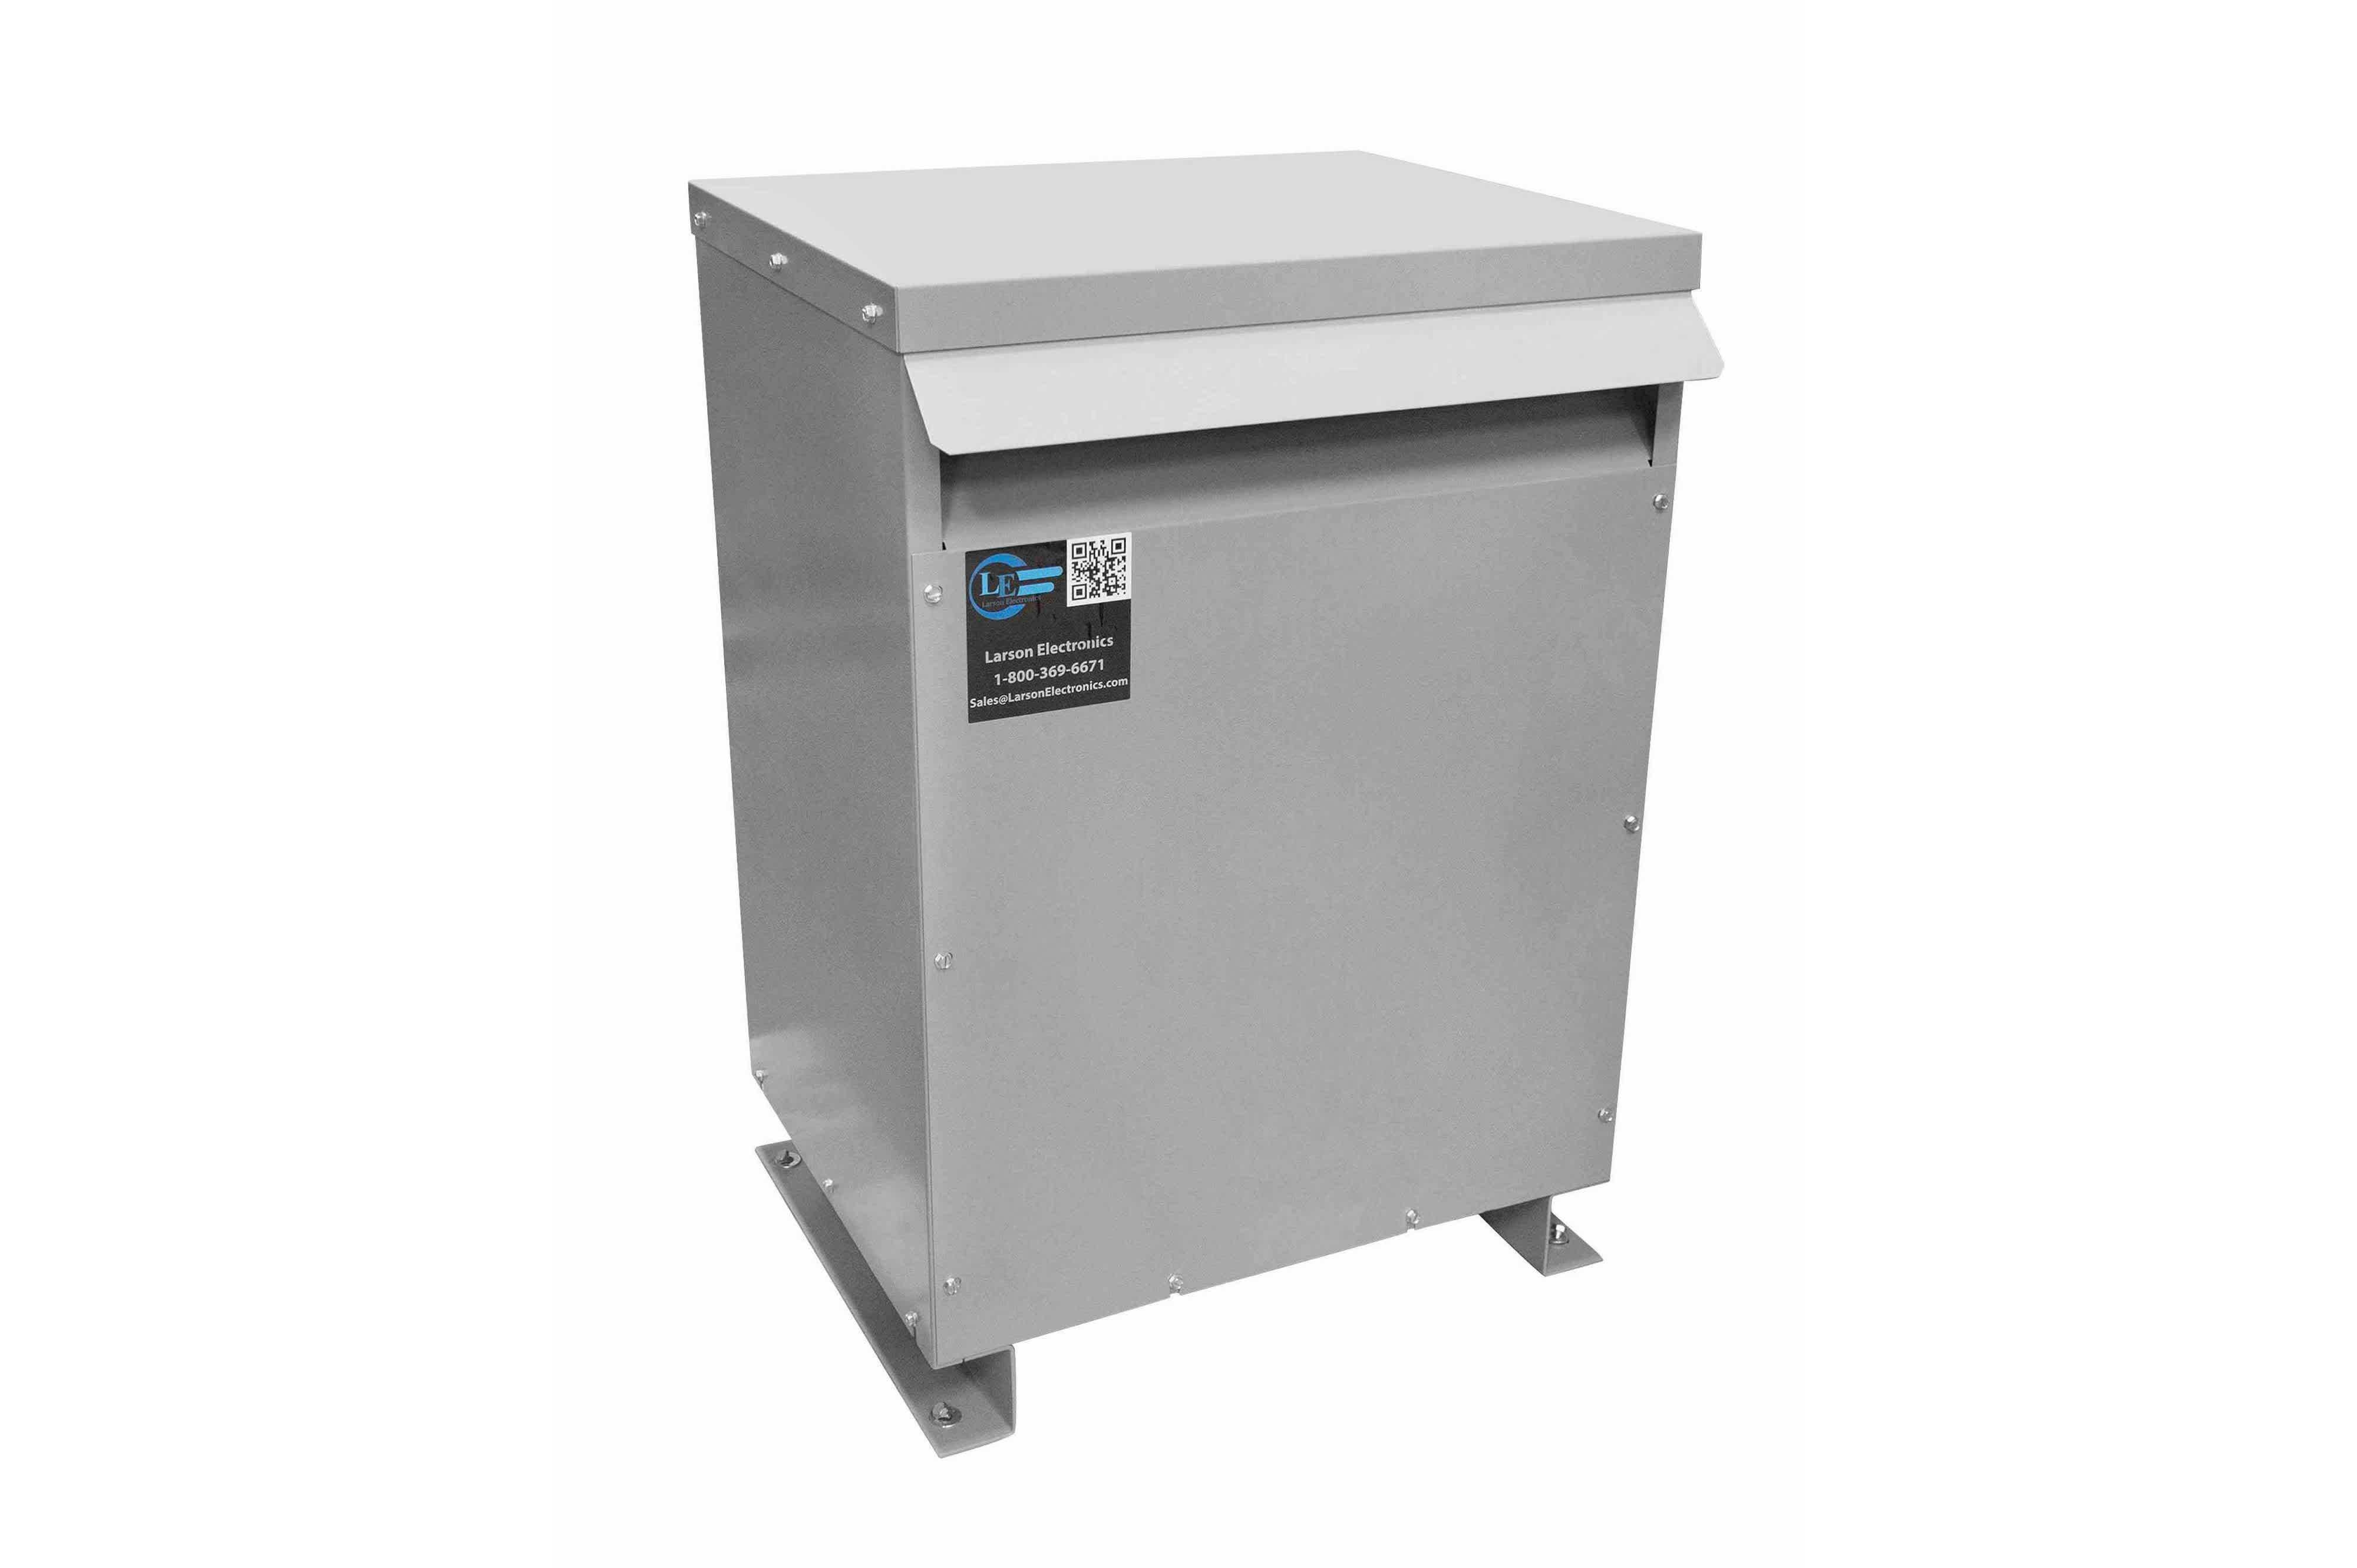 225 kVA 3PH Isolation Transformer, 460V Delta Primary, 600V Delta Secondary, N3R, Ventilated, 60 Hz